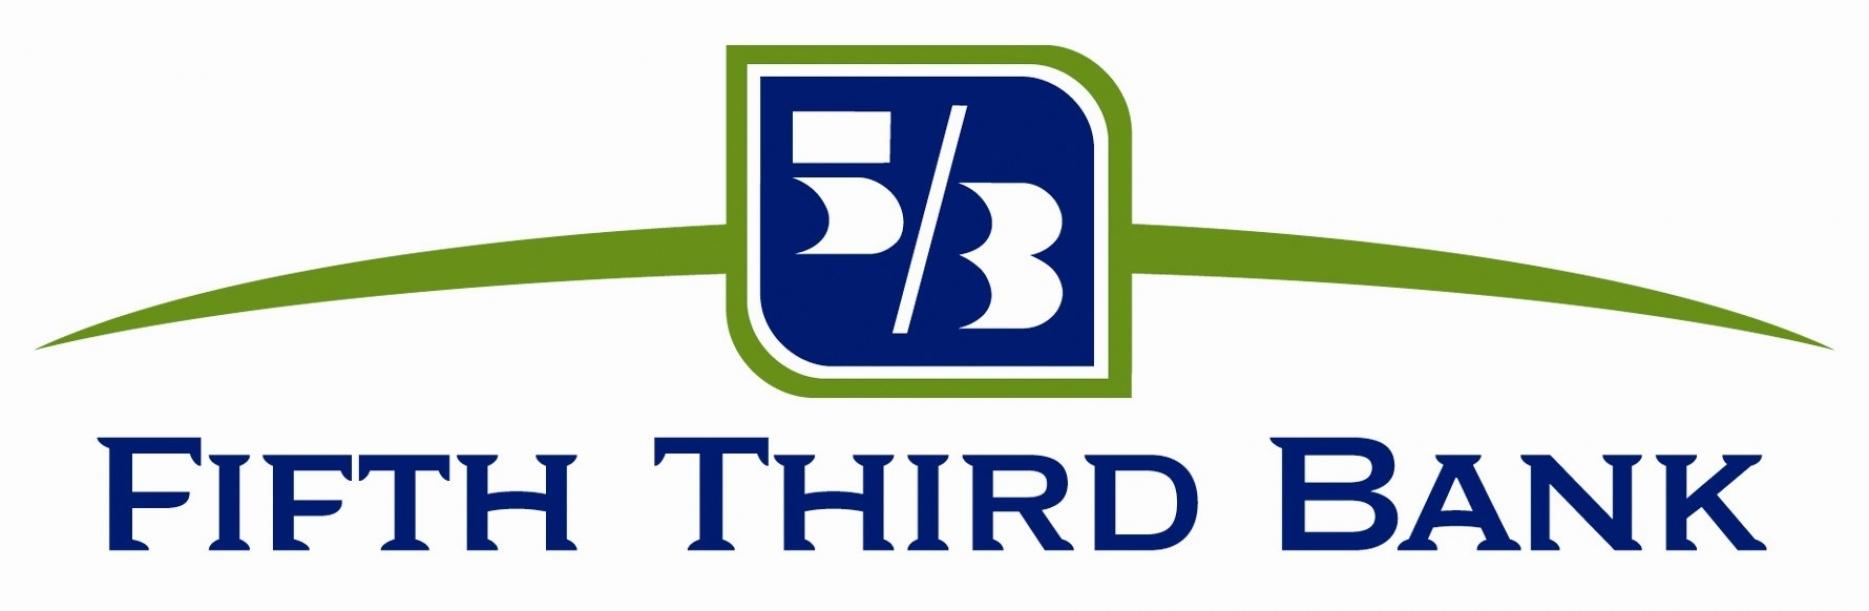 bancorp bank netspend address